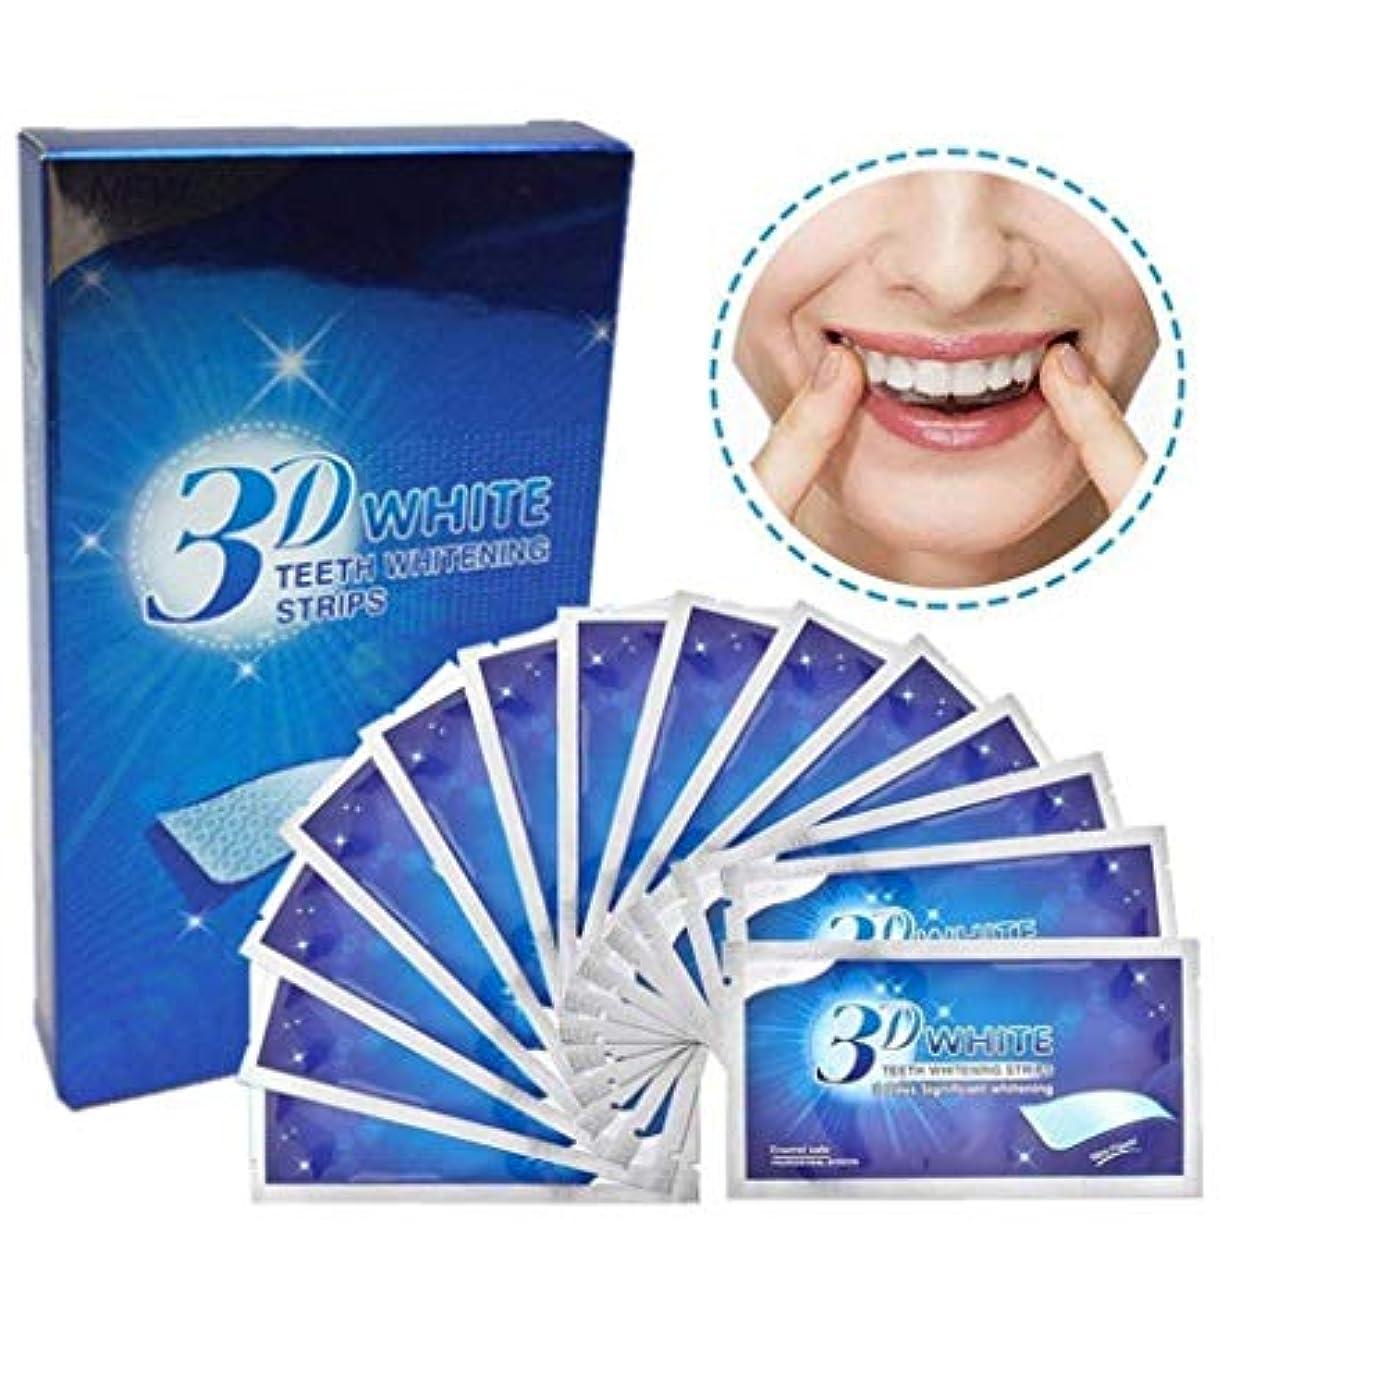 身元無期待WENER 歯を白くするストリップ、プロフェッショナルな歯を漂白するゲルストリップ有効な歯科用ケアキット歯垢を除去しますー14パック28枚 ドライ ホワイトニング